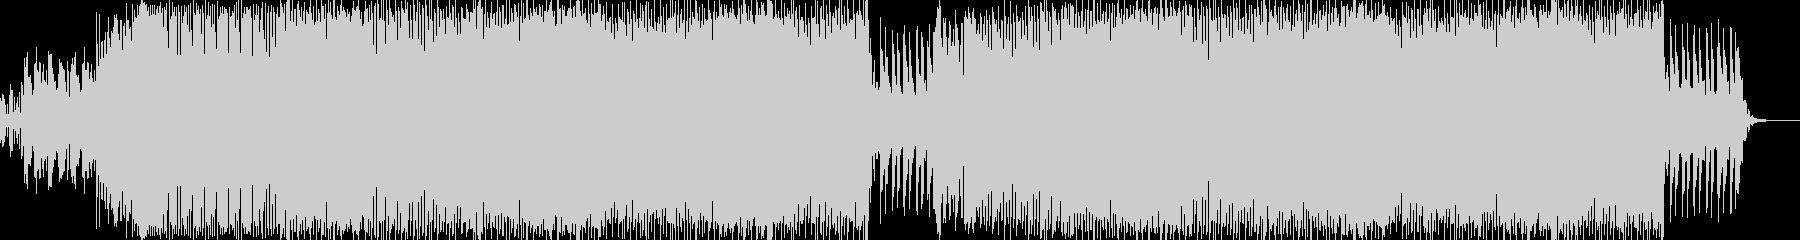 ジャジーなピアノが印象的なビッグビートの未再生の波形